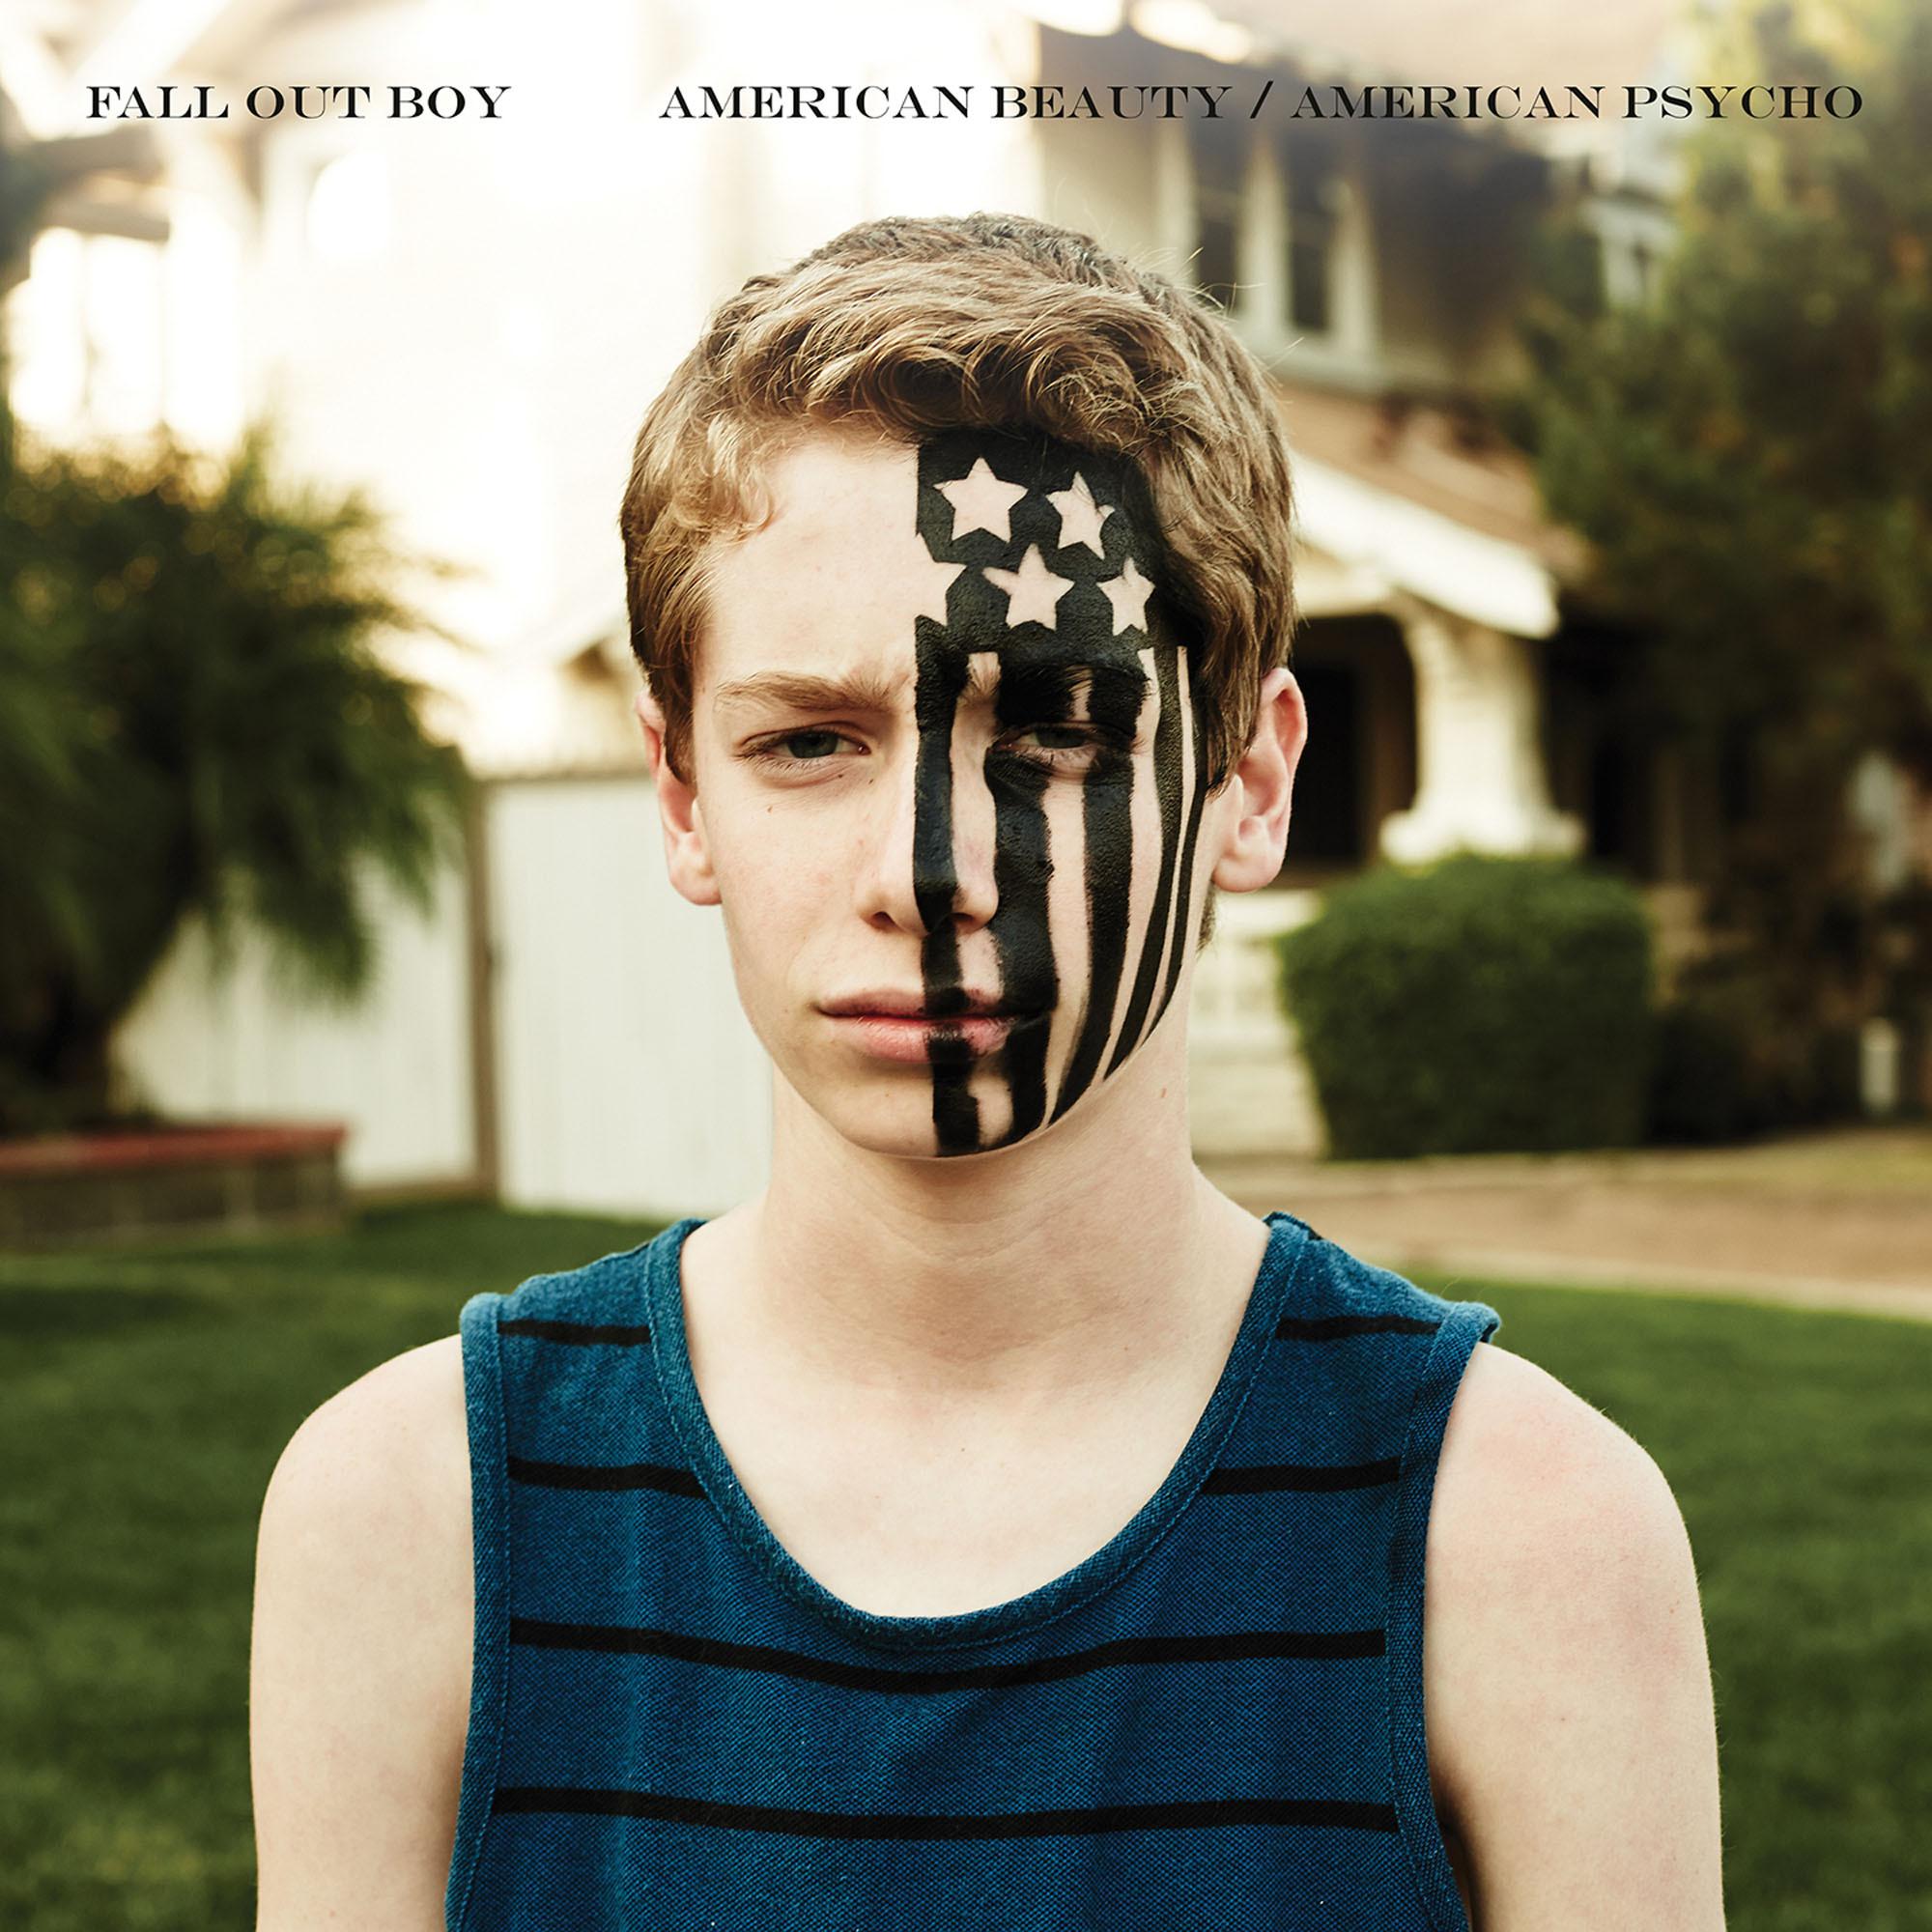 FallOutBoy_AmericanBeautyAmericanPsycho.jpg